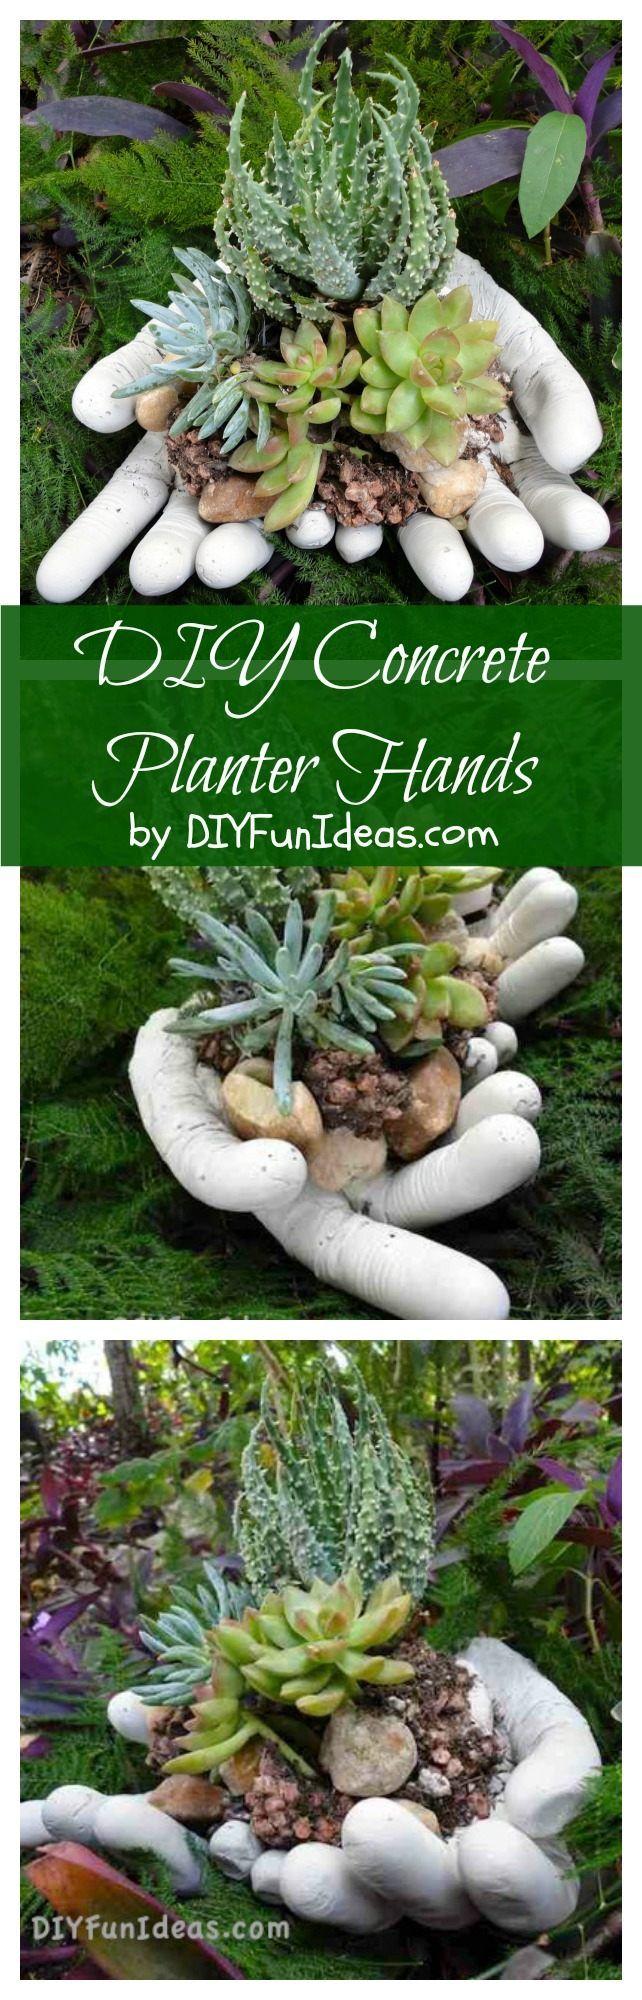 DIY suculentas concretas mãos plantador